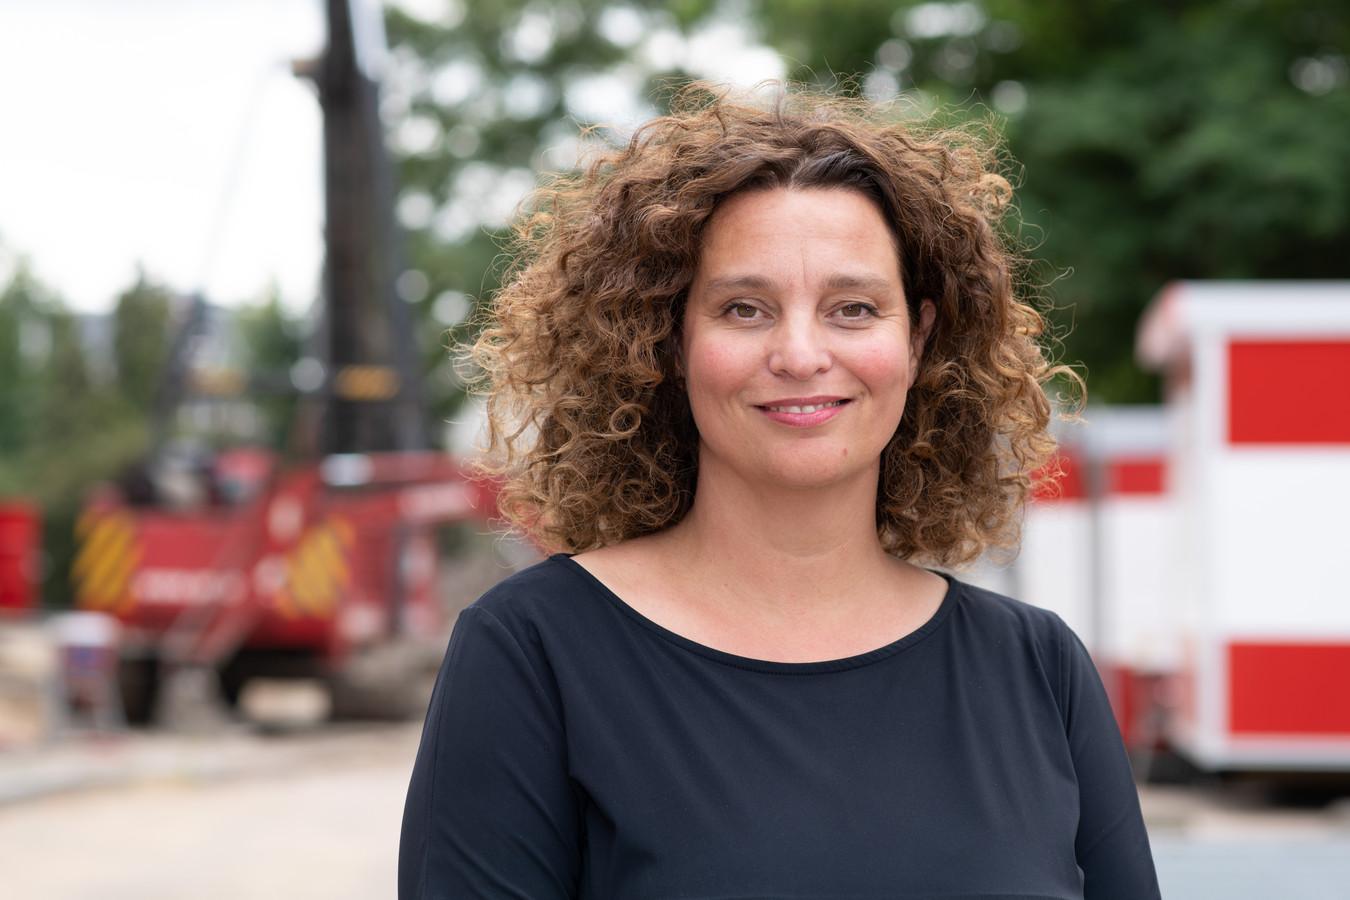 Directeur Eva Middelhoff van concertgebouw de Vereeniging in Nijmegen.